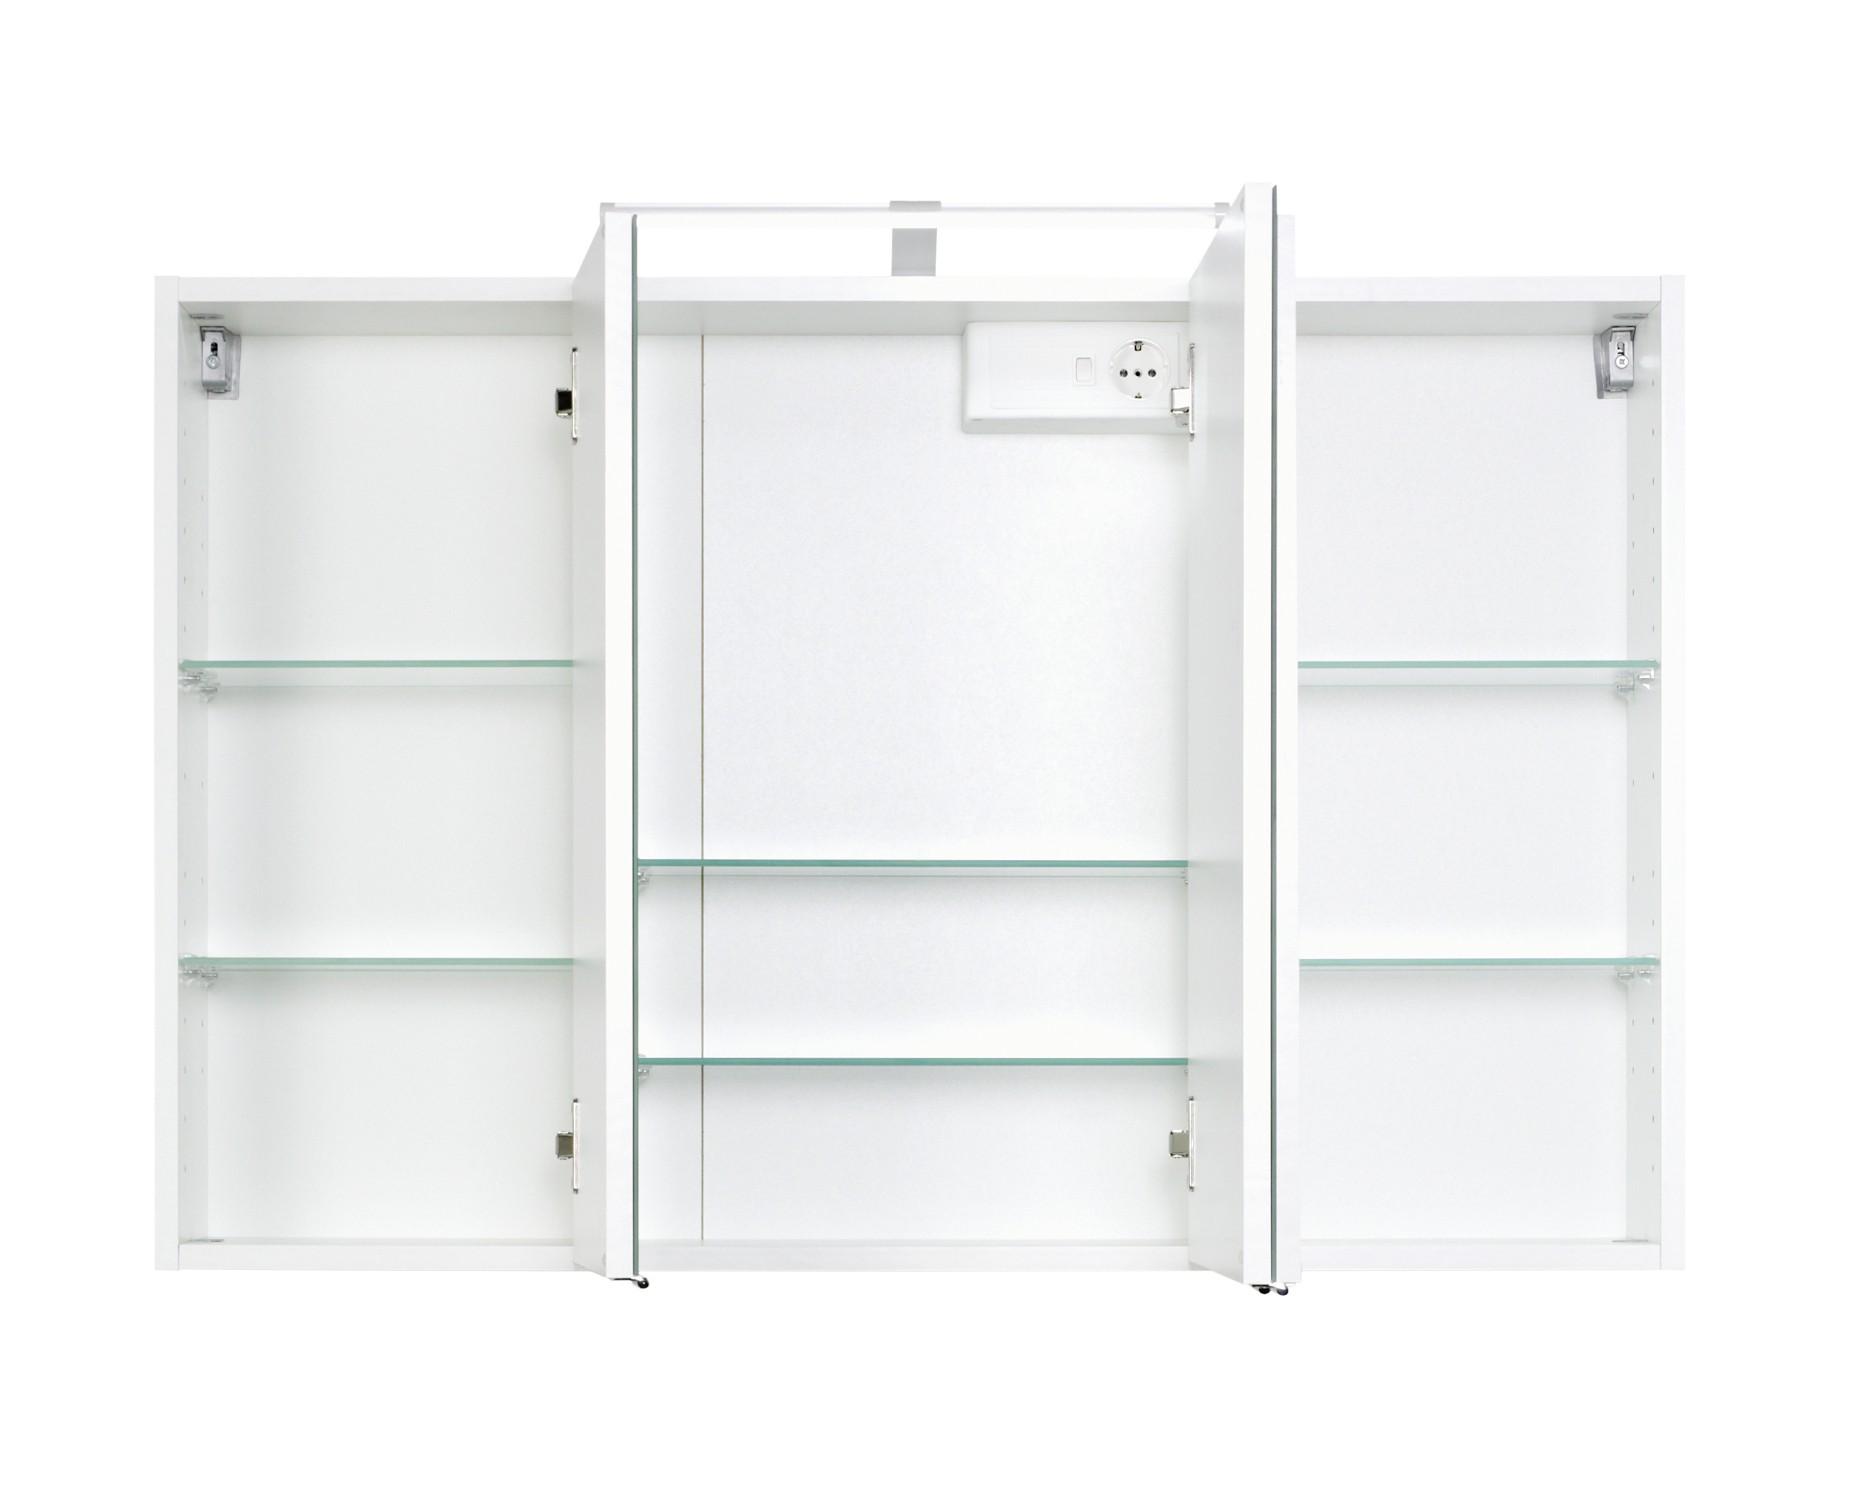 badmöbel-set florida - mit waschtisch und spiegelschrank - 4, Badezimmer ideen